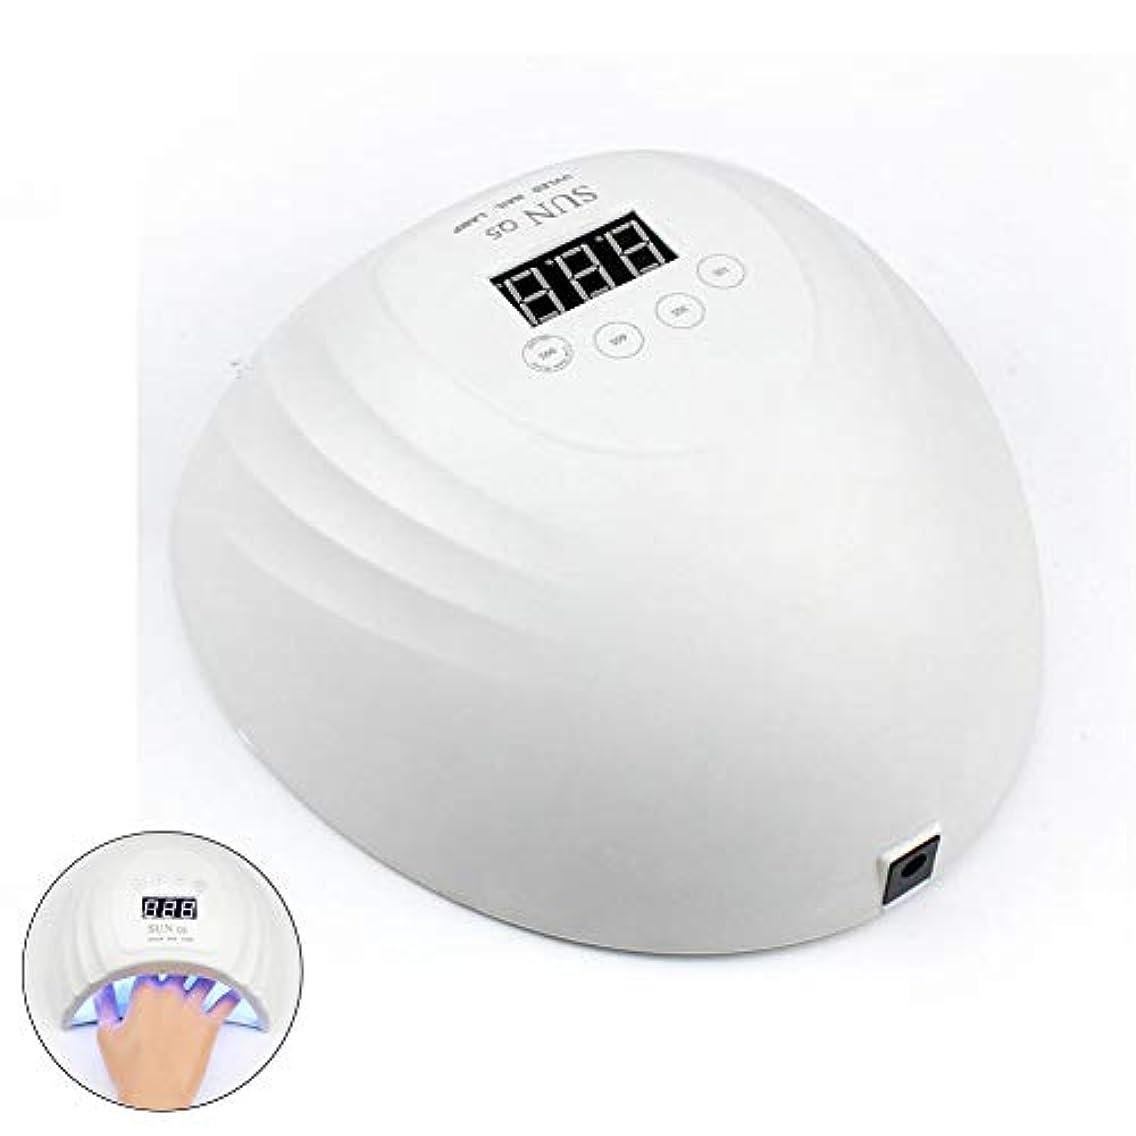 マントデザートシーサイドジェルUVネイルドライヤーセラピーマニキュア紫外線ランプマシンの爪UV 24 24 ledアイスネイルランプ用36 wランプ